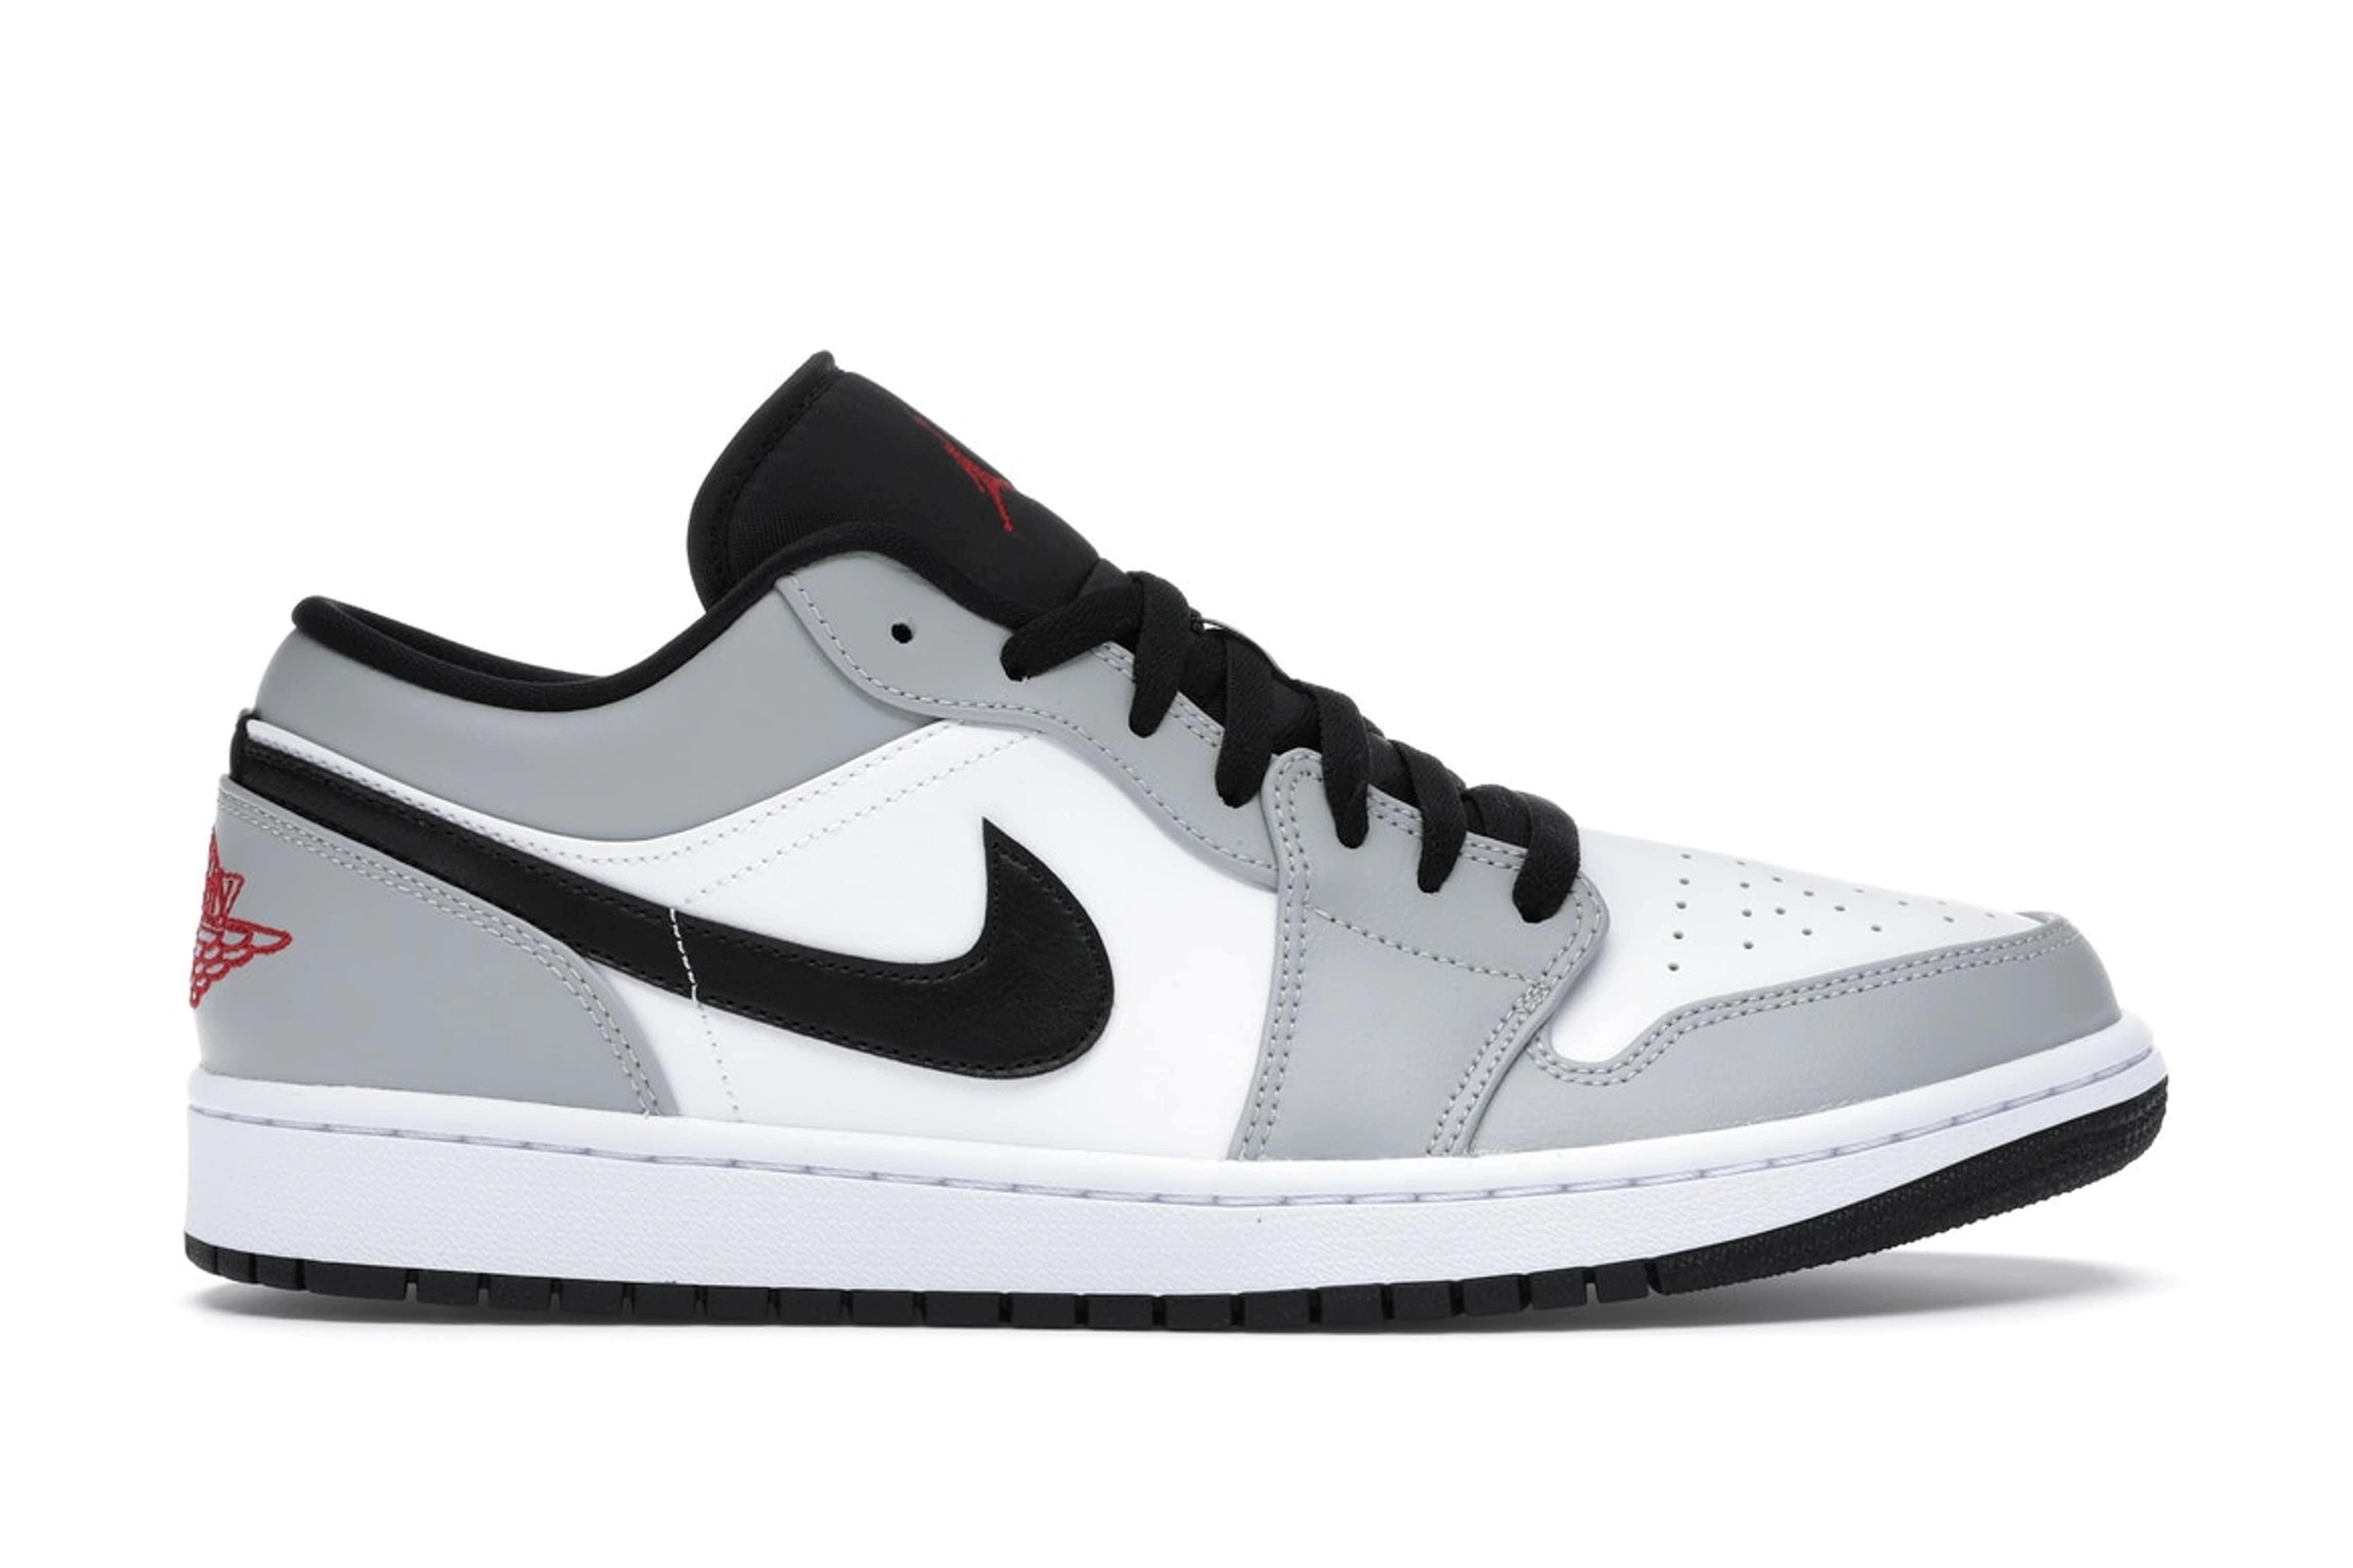 slide 1 - Jordan 1 Low Light Smoke Grey